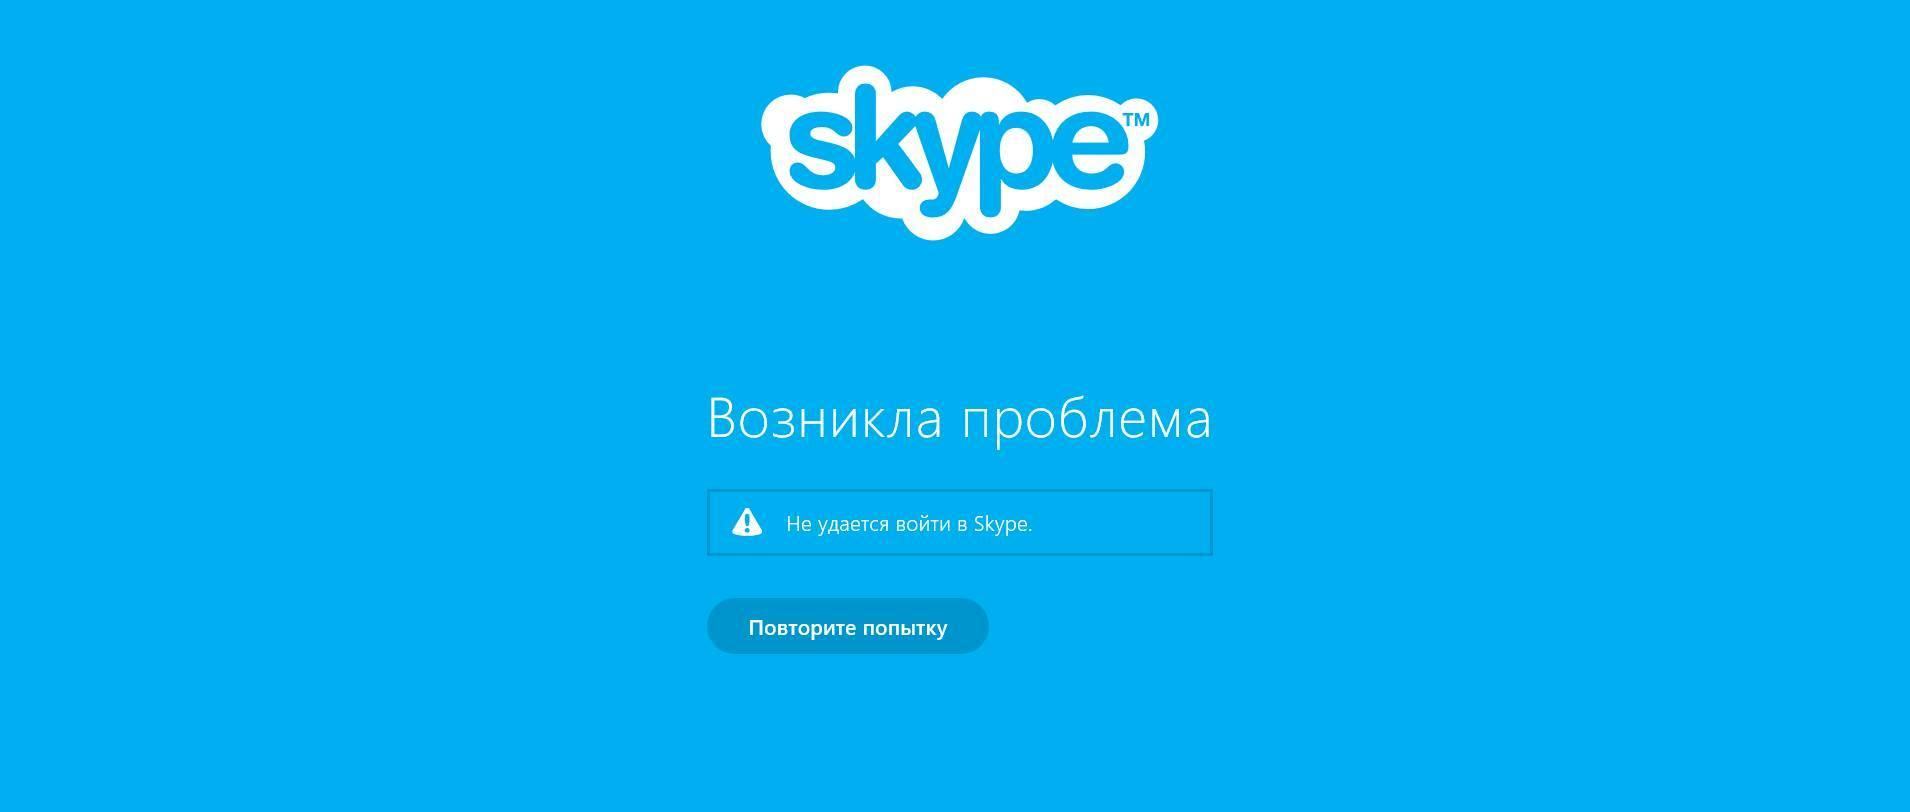 Сообщение, убивающее Skype